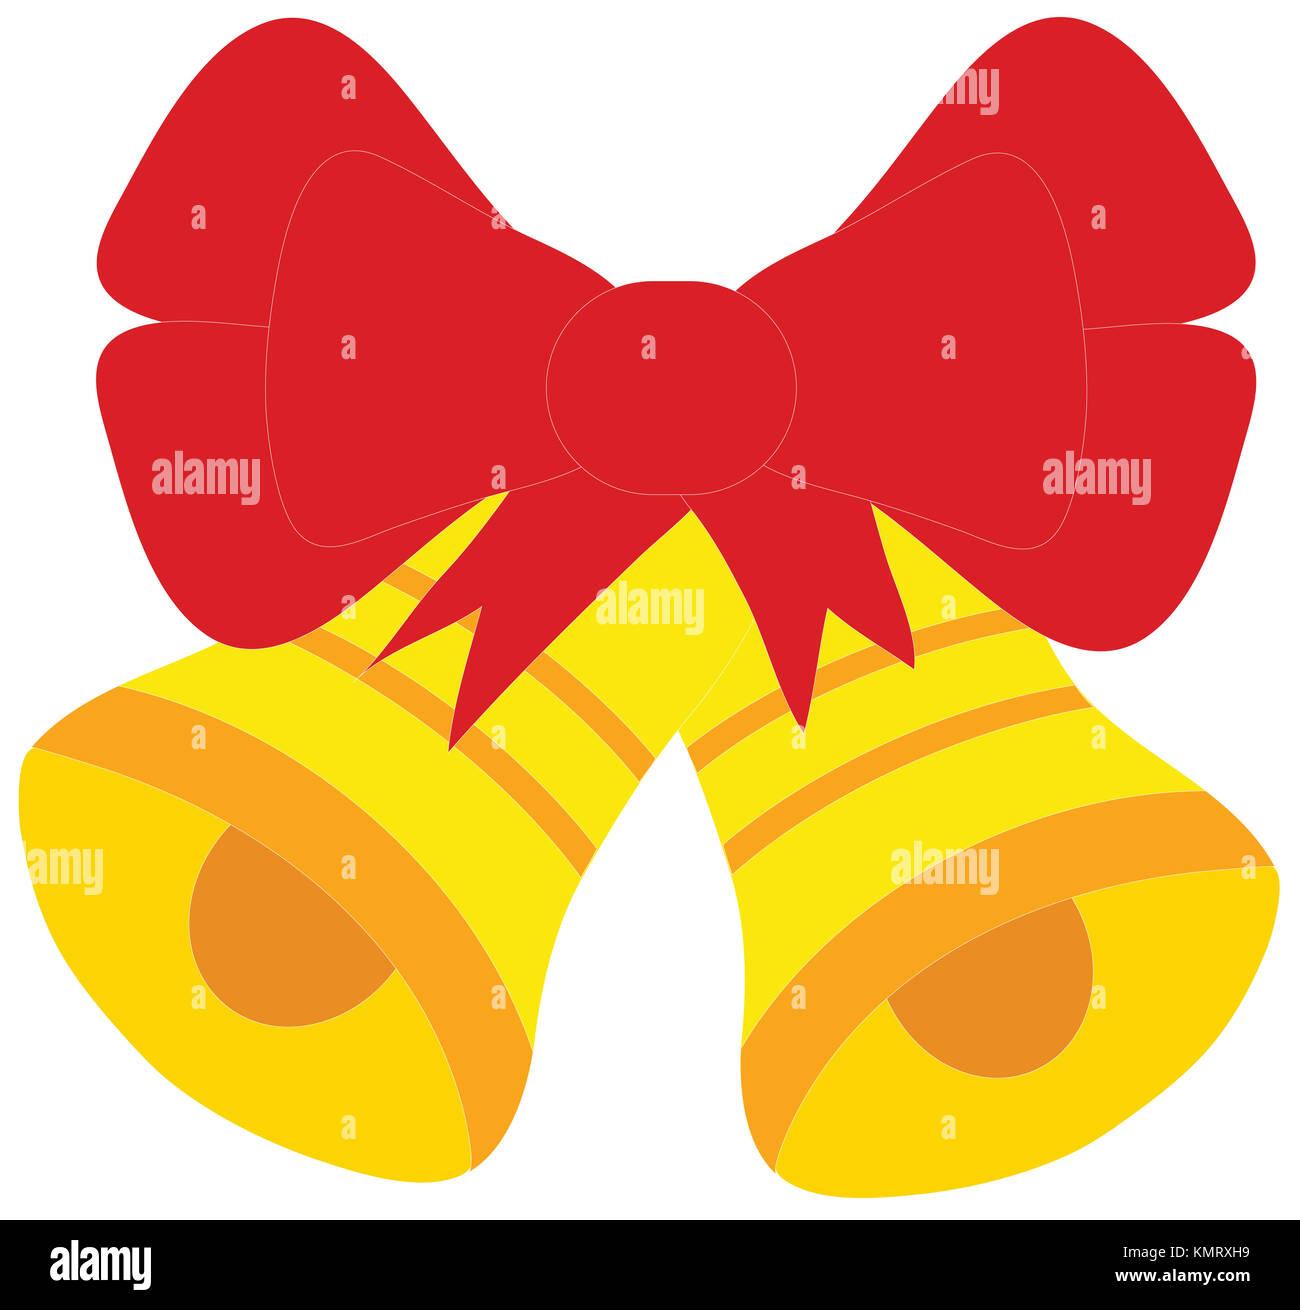 Le campane di Natale con un nastro di grandi dimensioni bow isolati su sfondo bianco. Rosso giallo e arancione. Immagini Stock